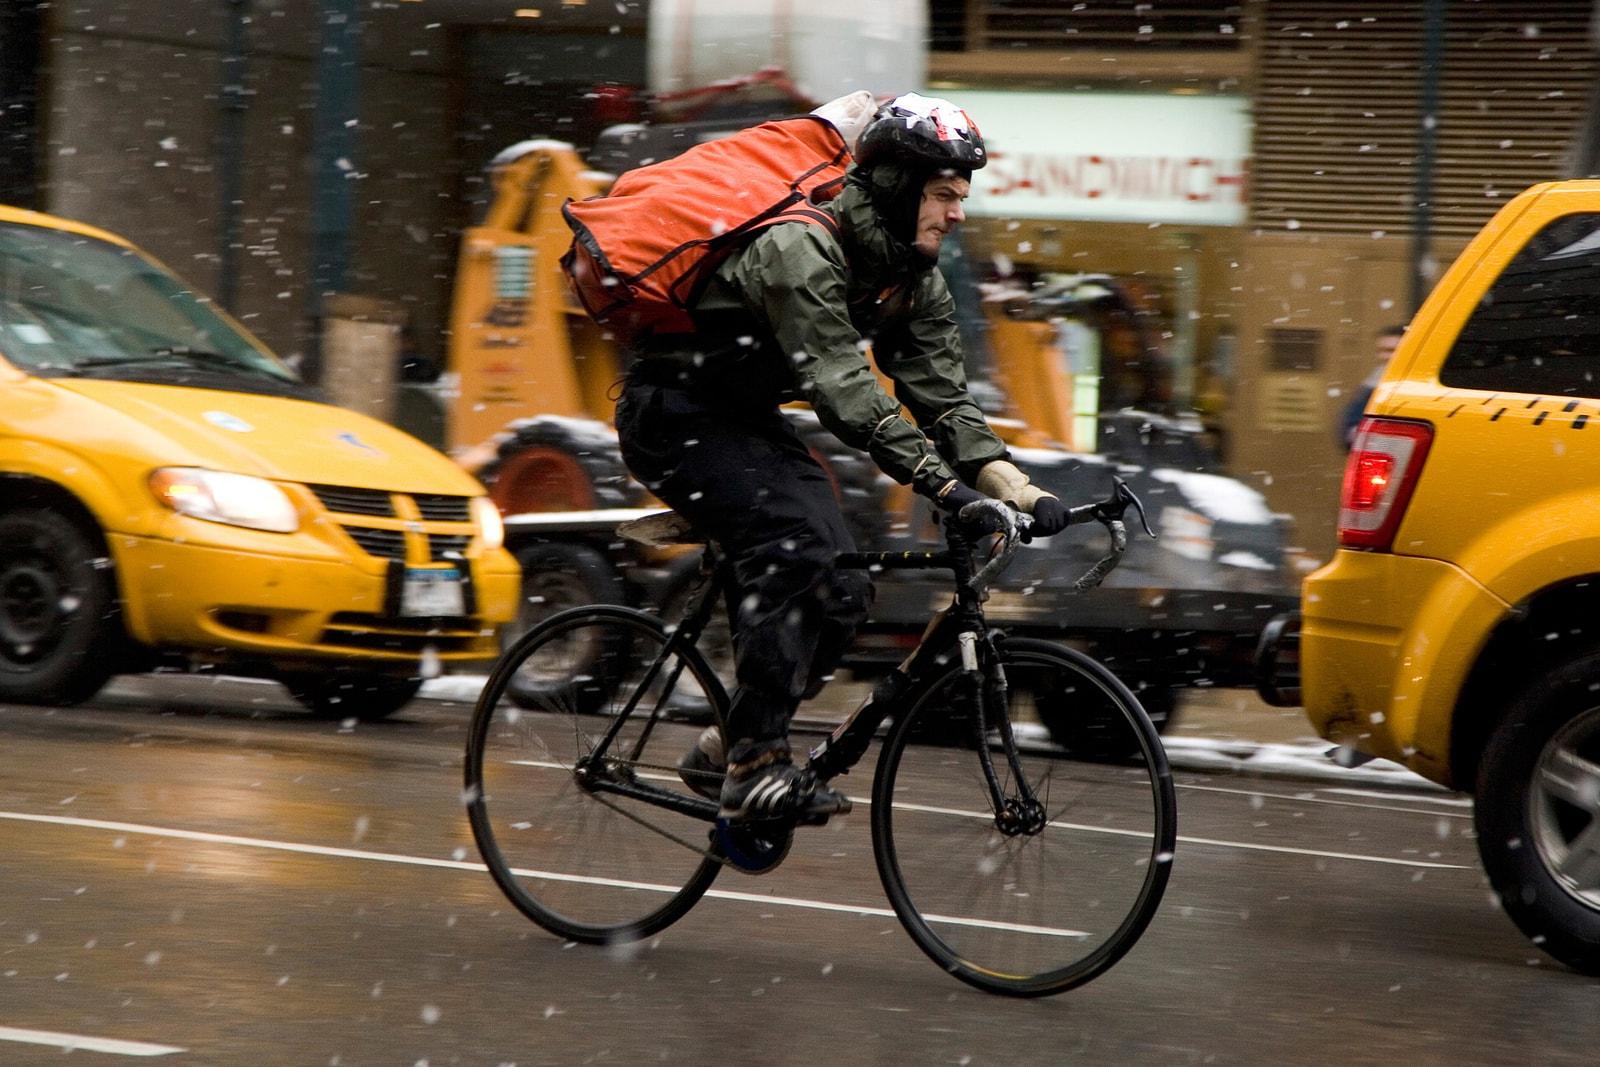 纽约邮差的通勤工具缘何成为风靡全球的极限运动?| Fixed Gear 回忆录(上)